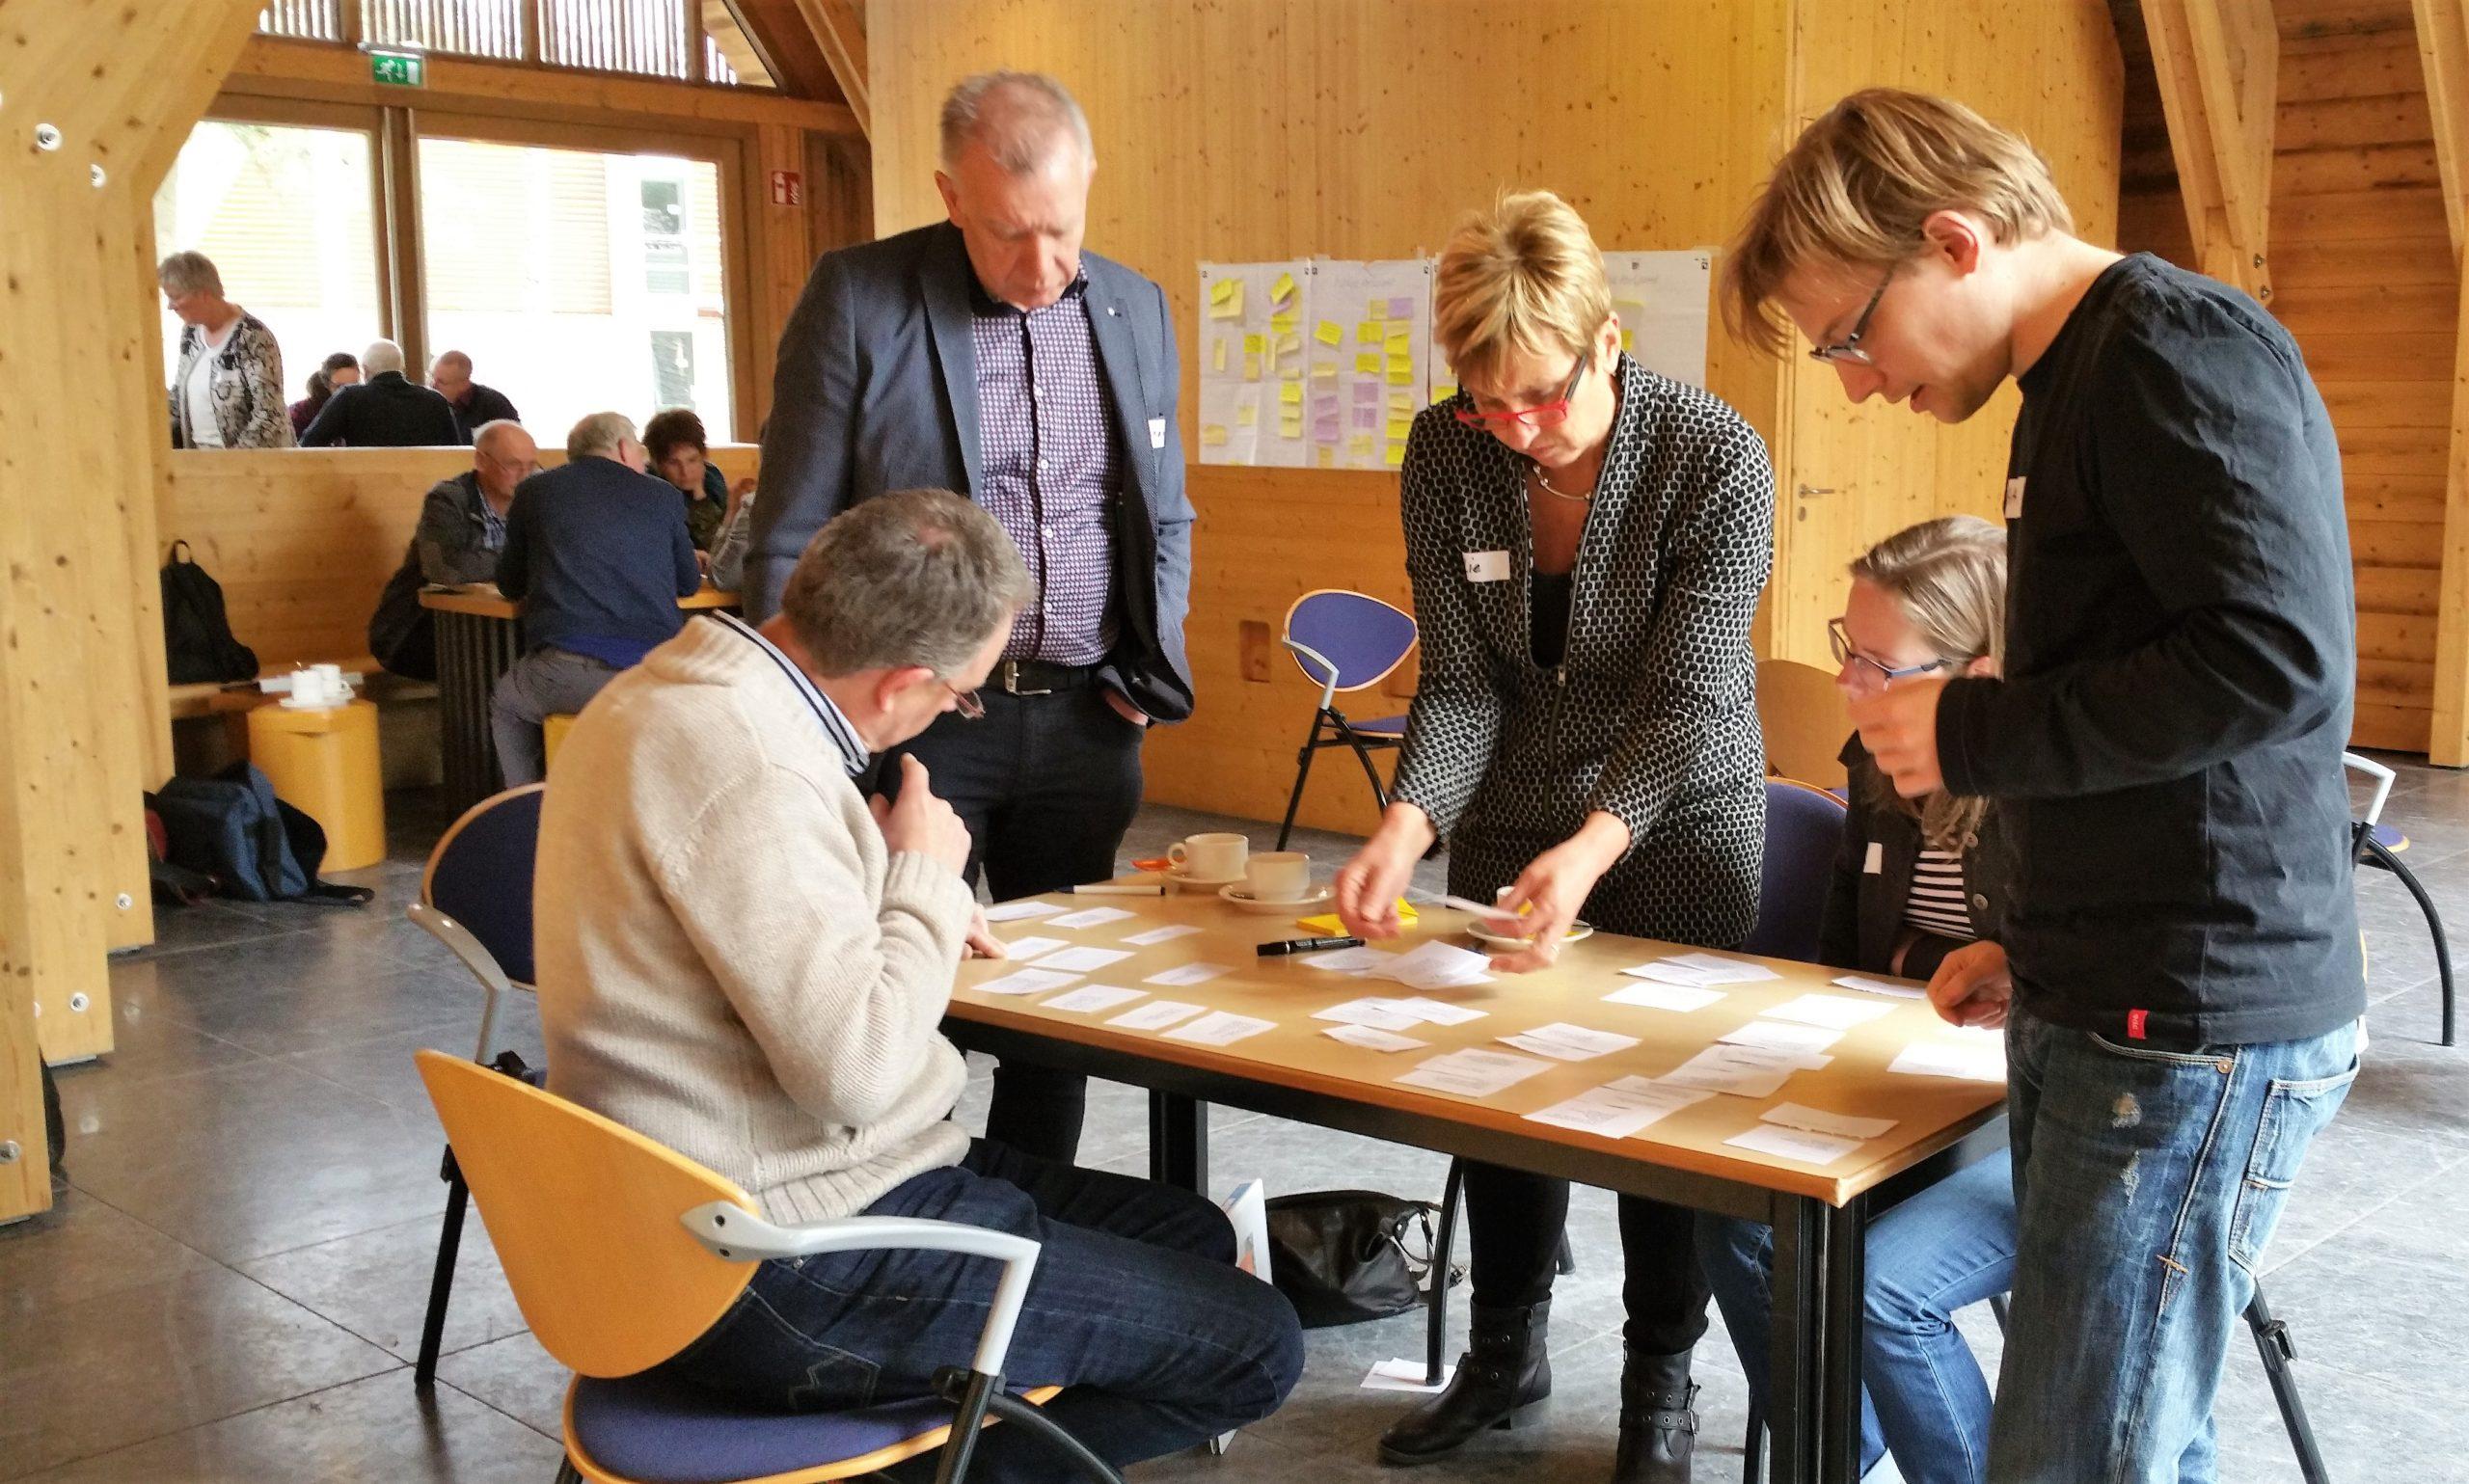 Leden van een kernteam aan de slag met vragen van de eigen gemeente